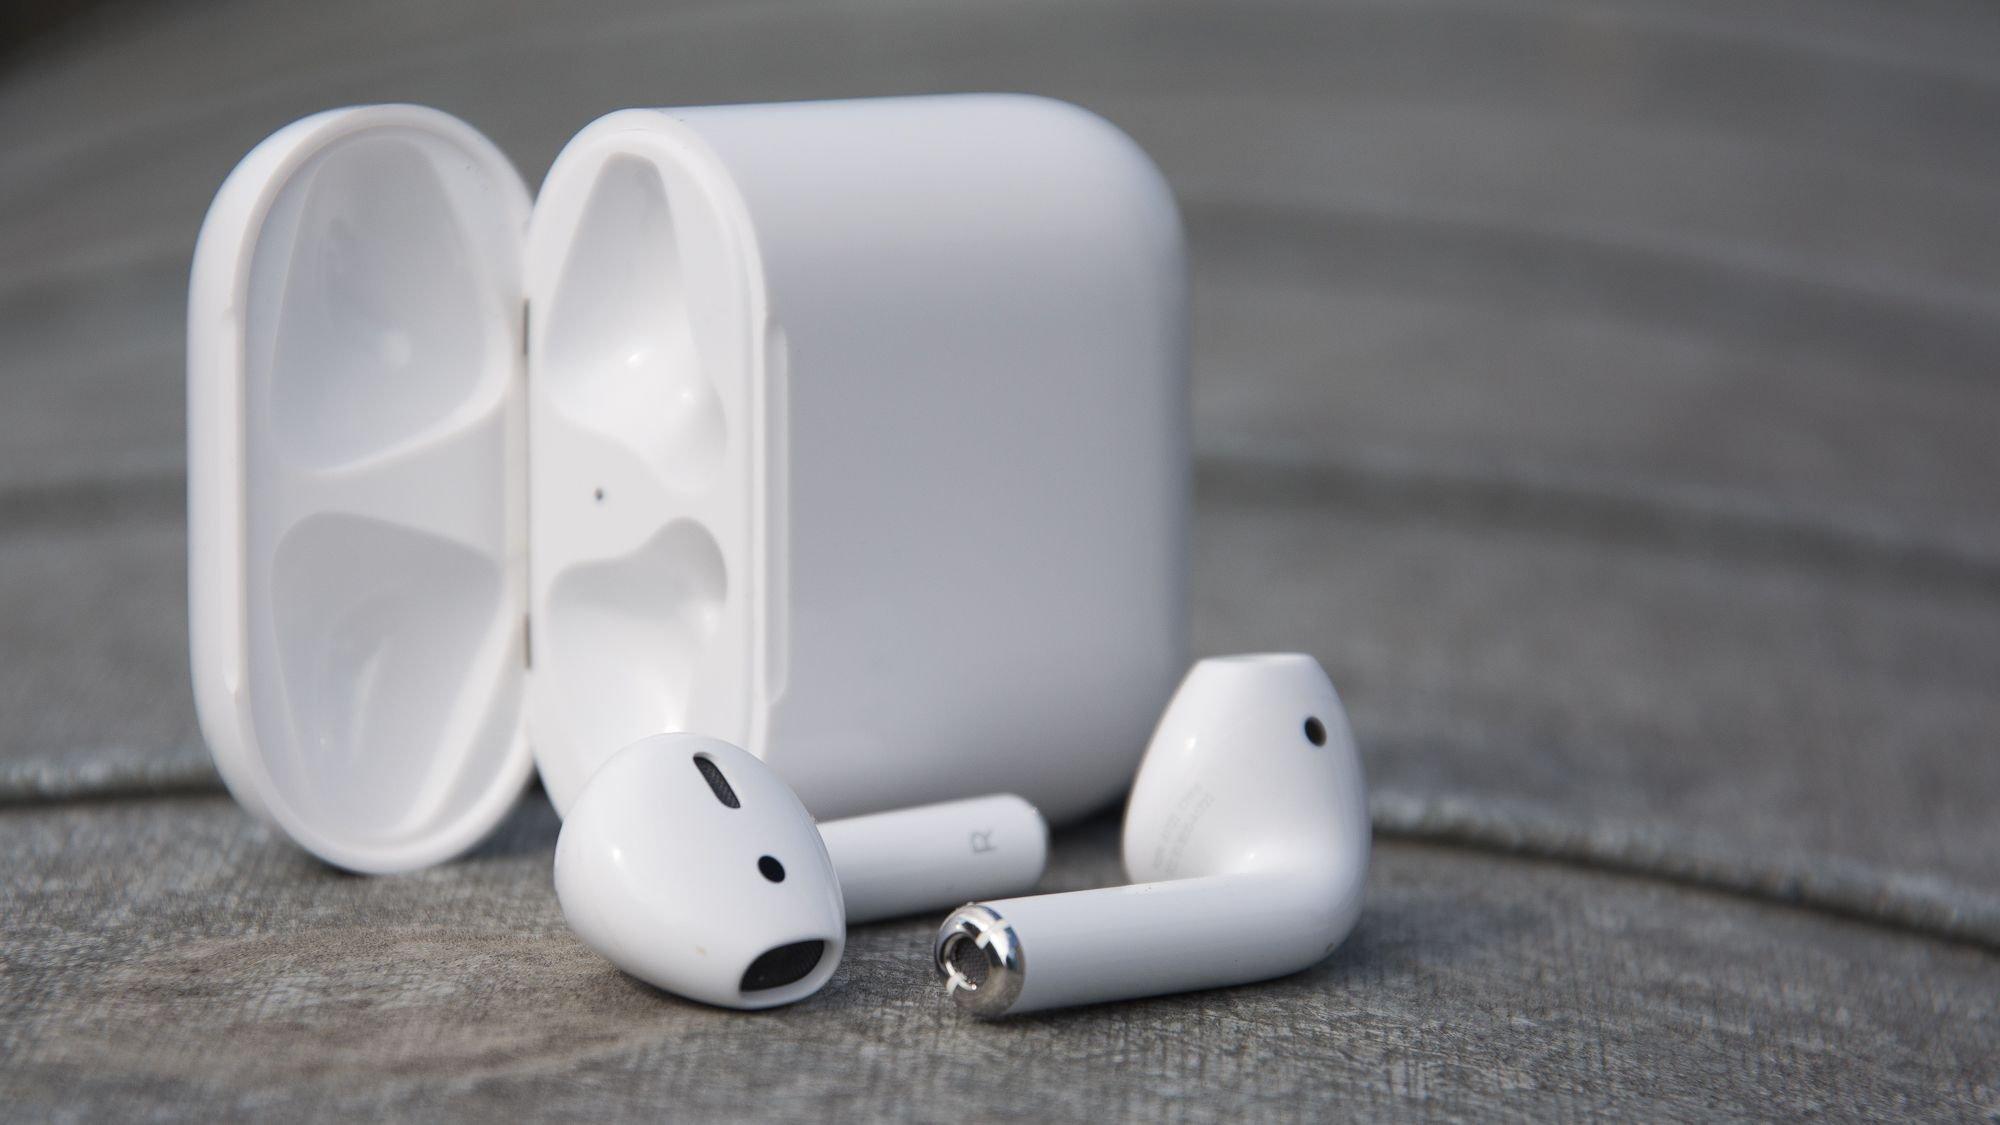 ایرپادهای تقلبی امسال میلیاردها دلار به اپل ضرر میزنند